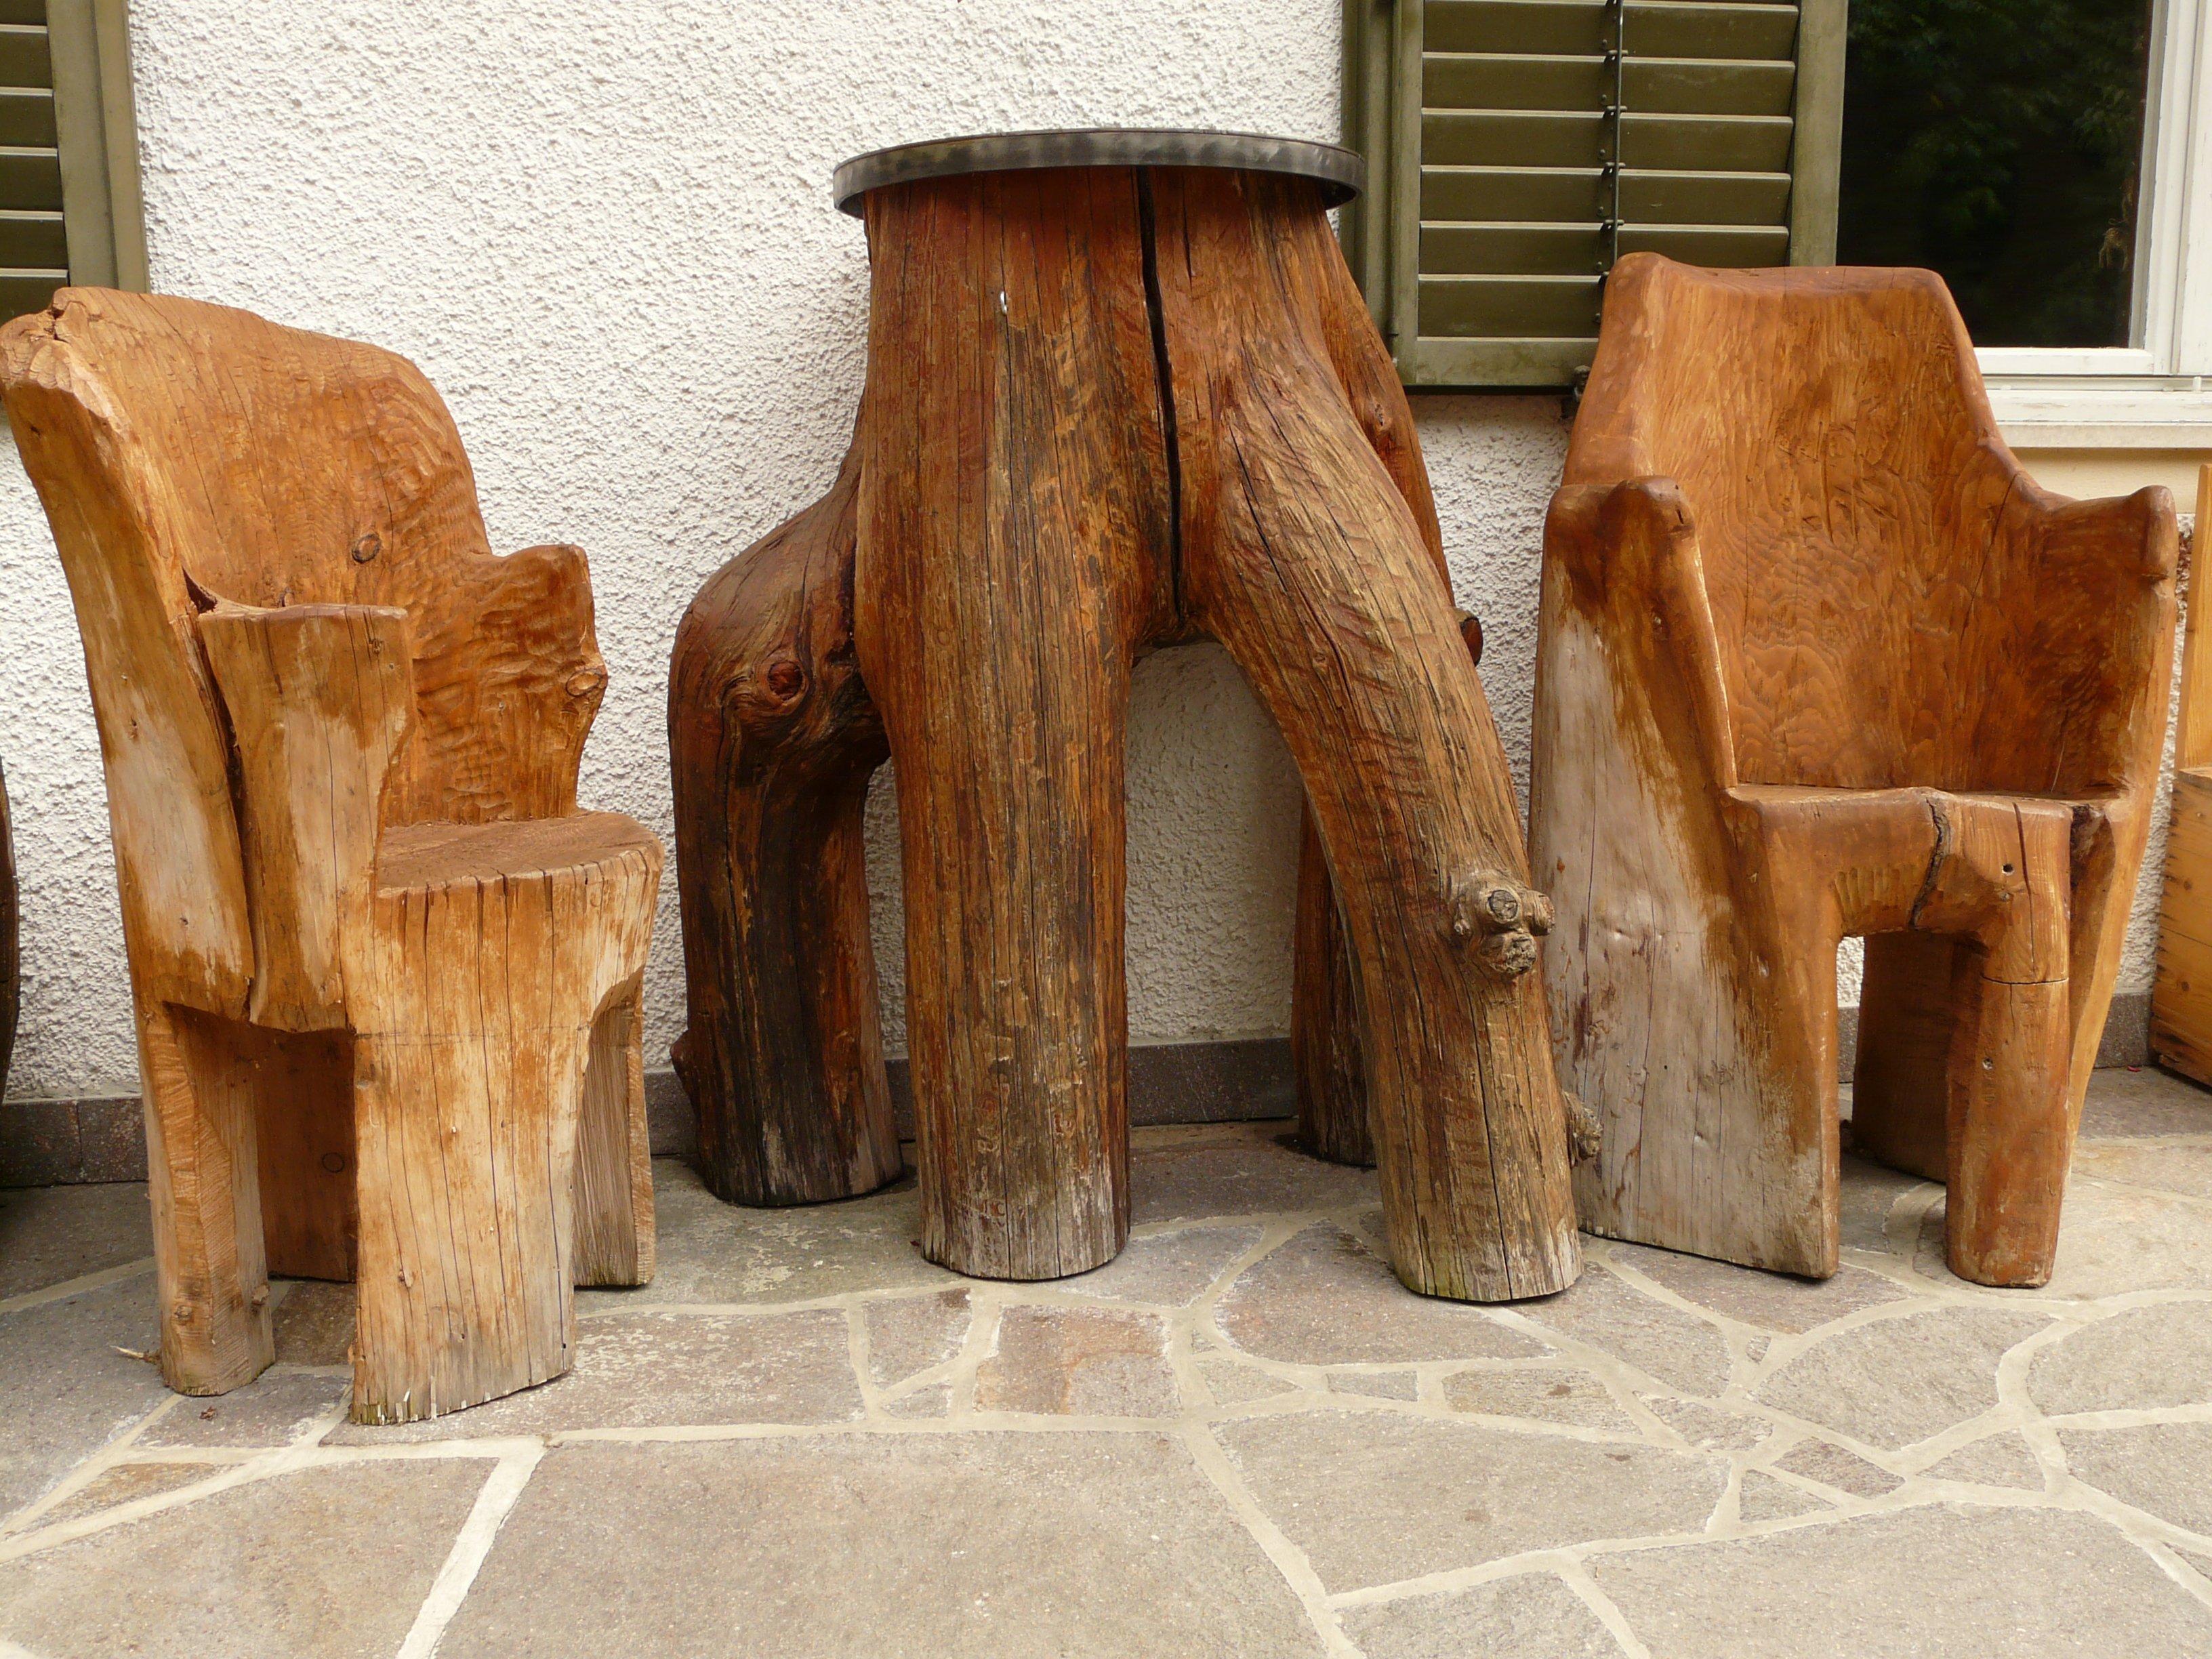 Images Gratuites : table, structure, bois, chaise, colonne, meubles ...